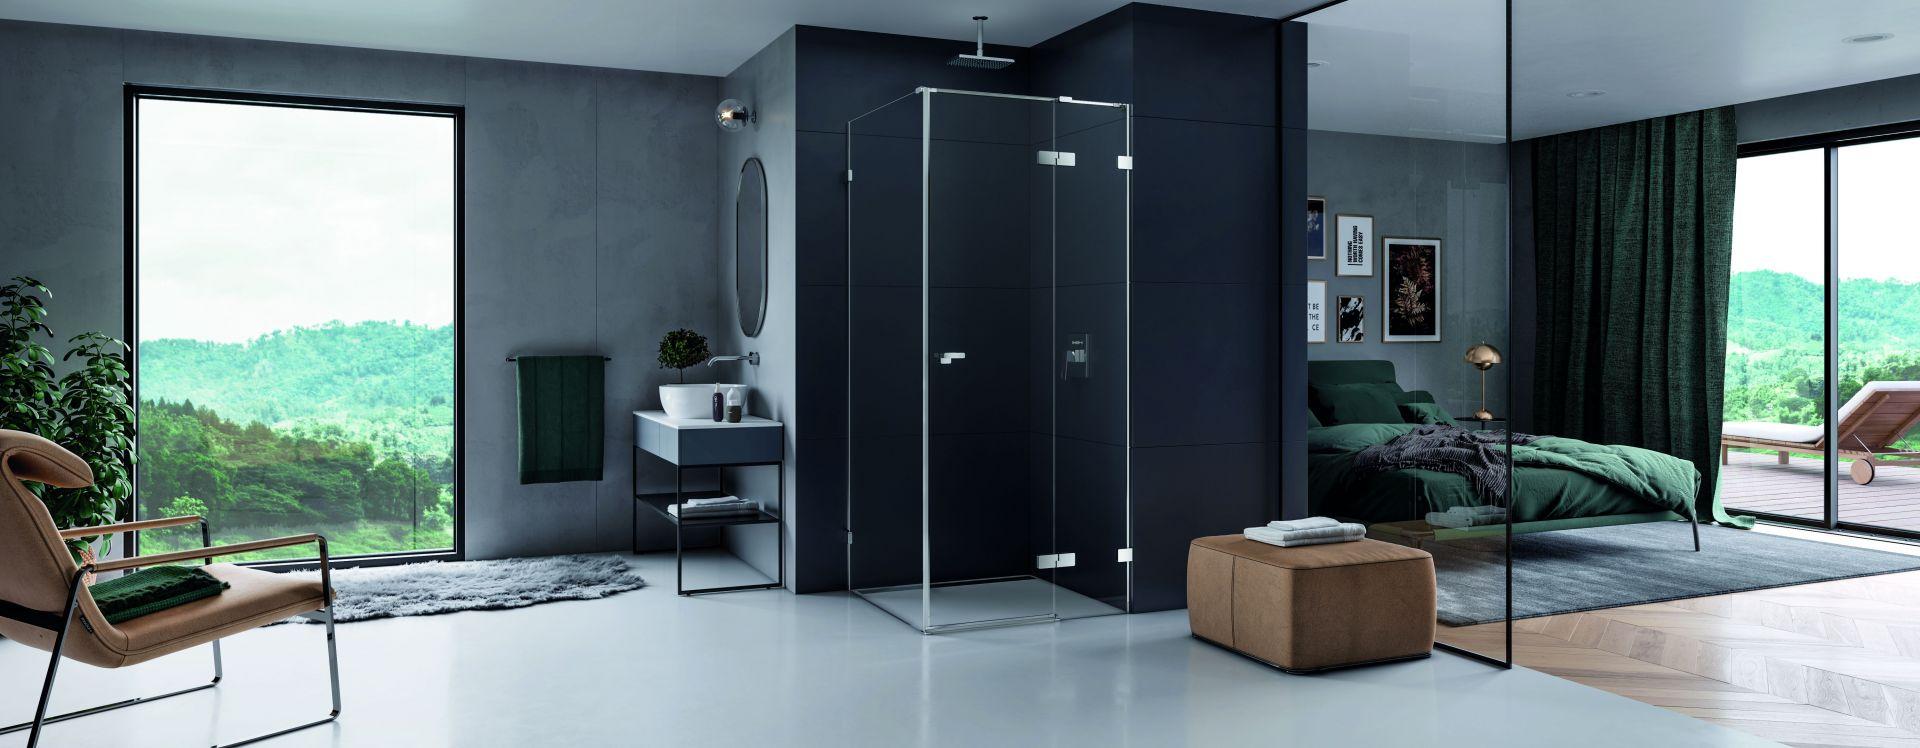 Modna strefa prysznica. 15 pomysłów na urządzenie. Fot. NewTrendy